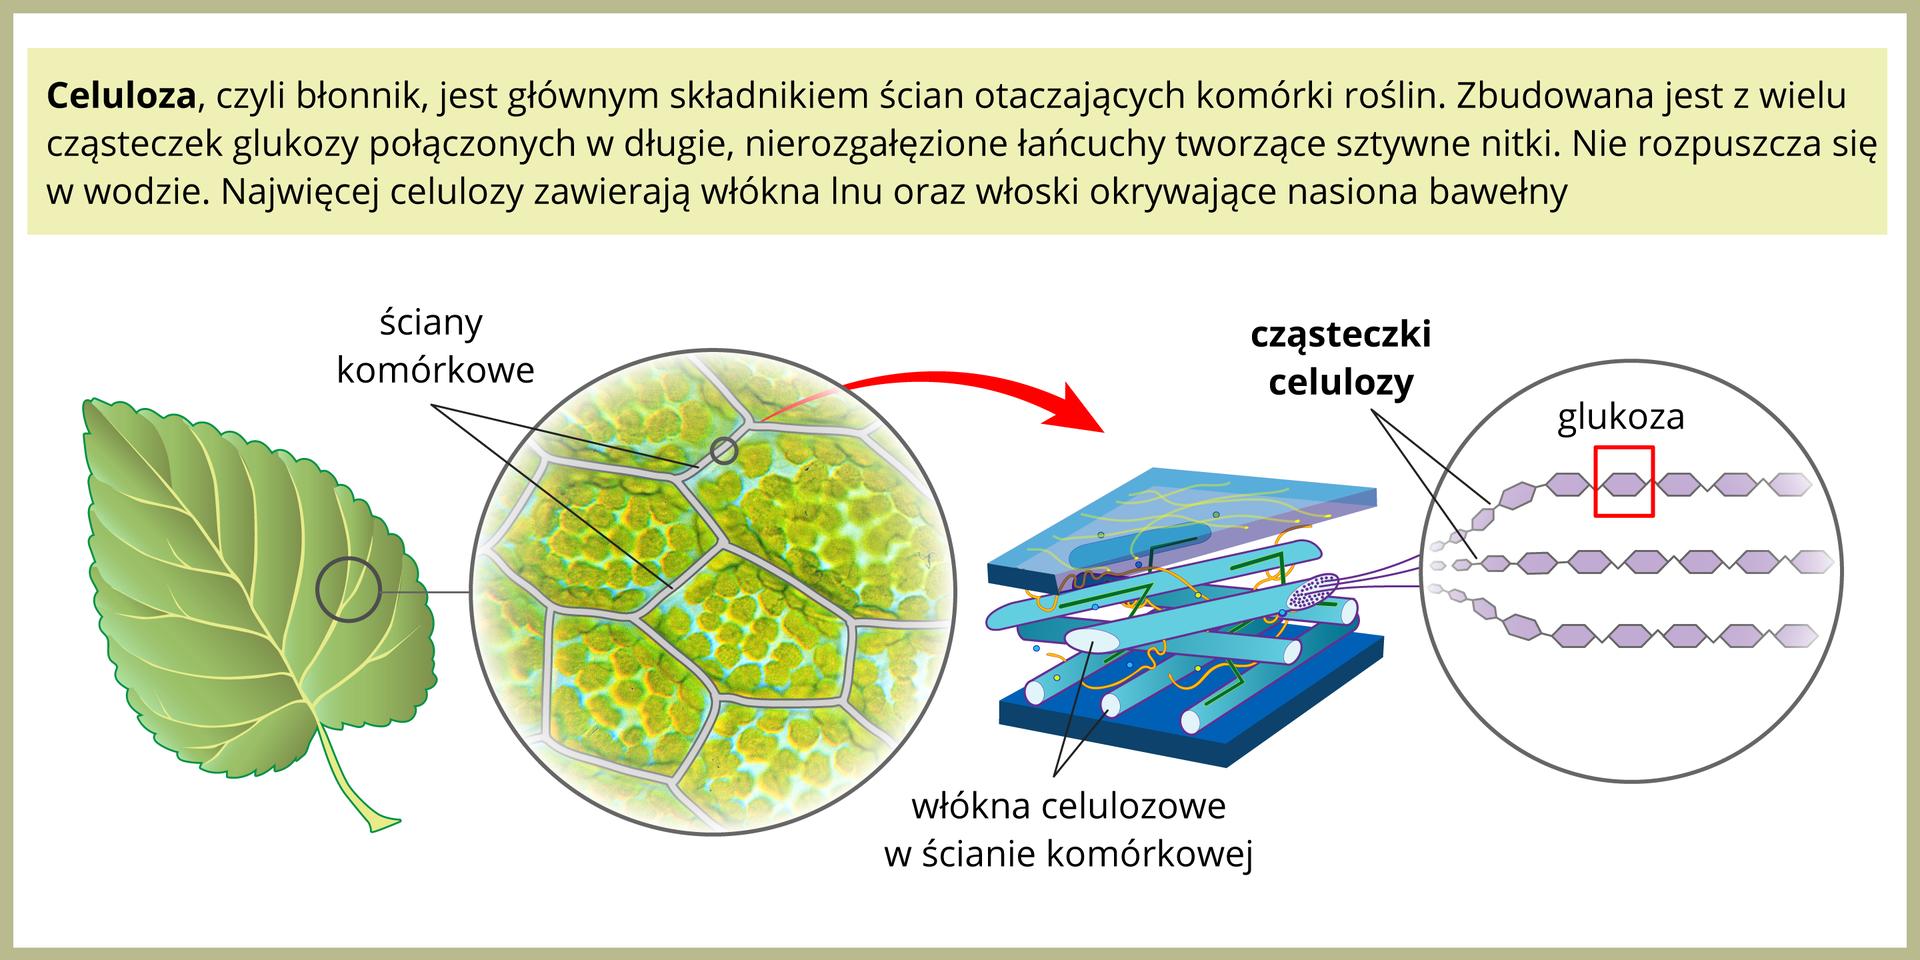 Ilustracja przedstawia po lewej zielony liść. Wprawo znajduje się powiększenie kilku komórek liścia, oddzielonych od siebie białymi ścianami. Czerwona strzałka prowadzi wprawo do powiększenia ściany komórkowej, złożonej zbłękitnych włókien celulozy, ułożonych warstwami na przemian. Dalej po prawej znajduje się powiększenie cząsteczki celulozy, zbudowanej zwielu fioletowych sześciokątów, czyli cząsteczek glukozy.